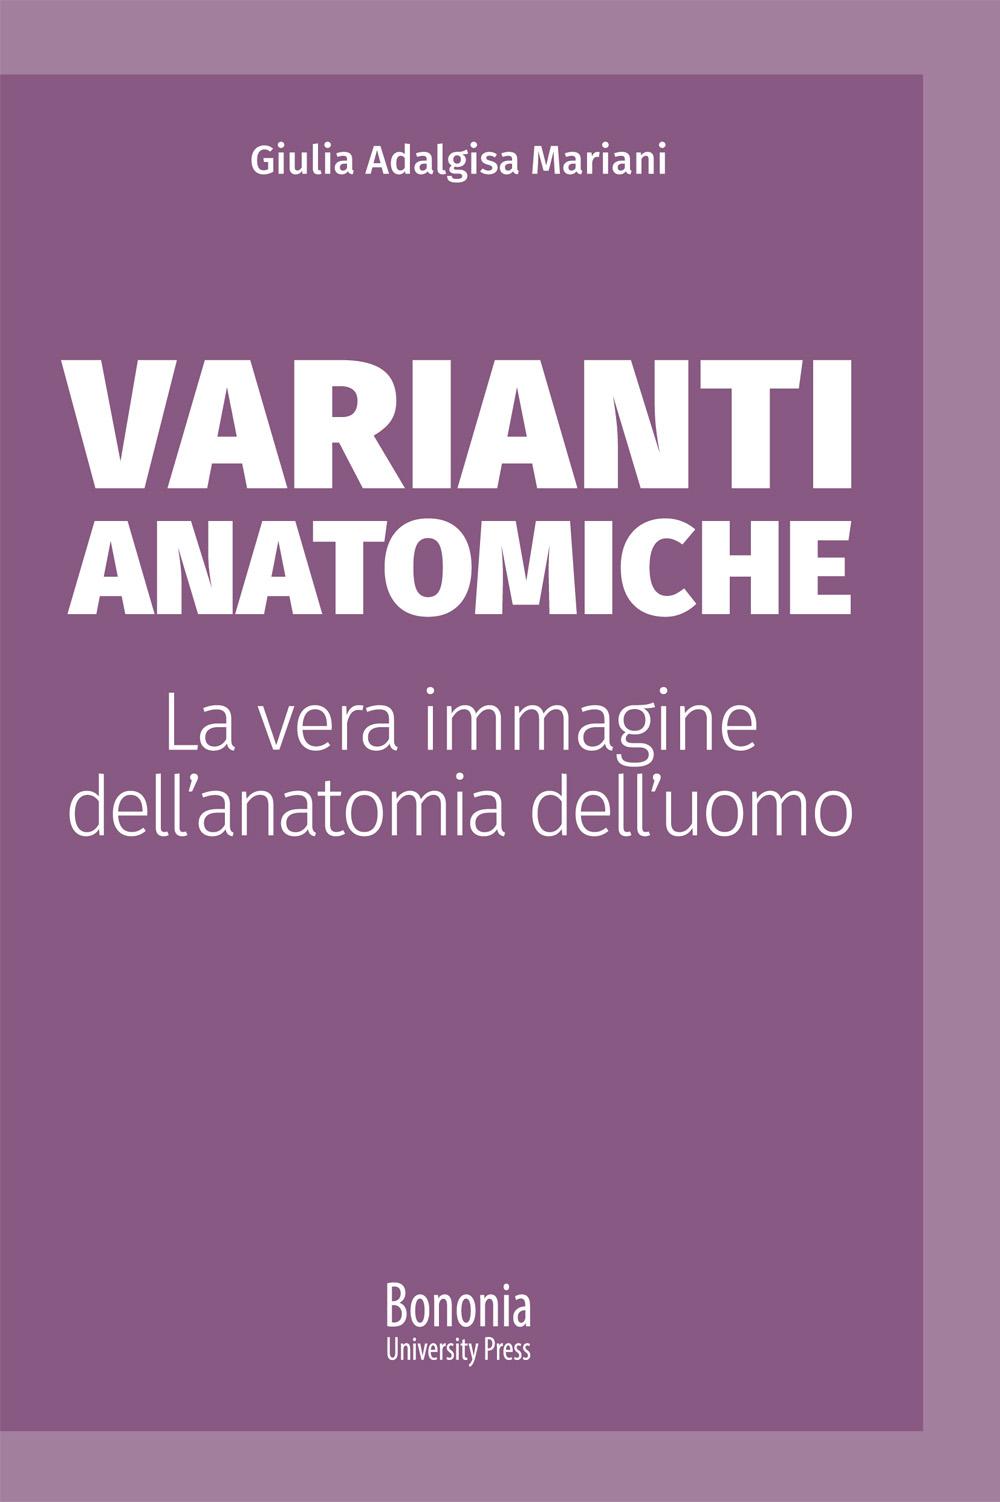 Varianti anatomiche - Bononia University Press